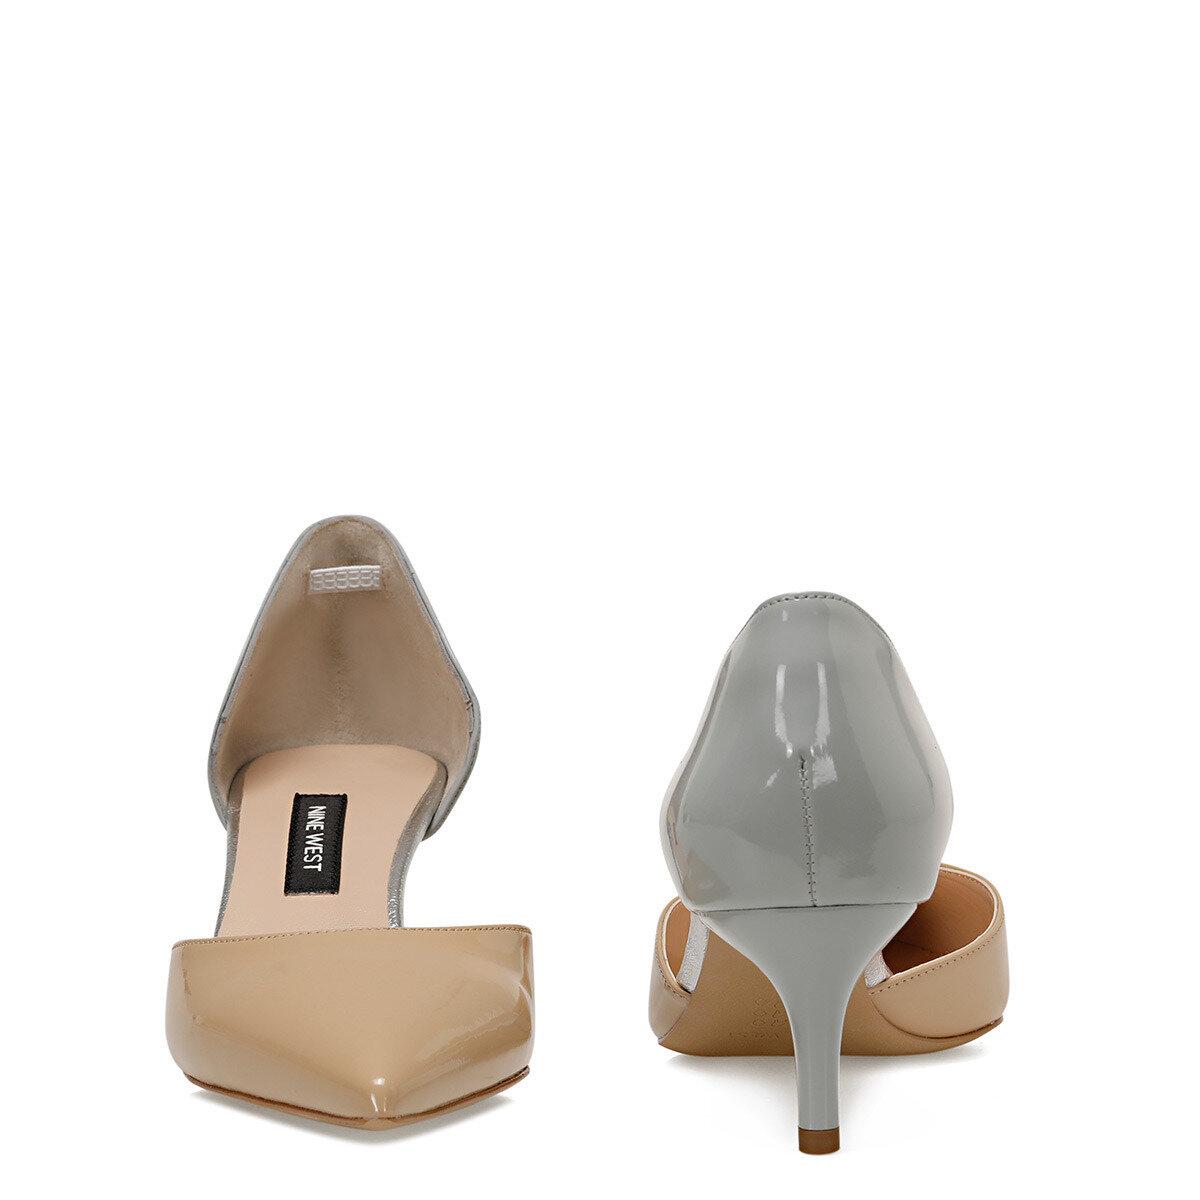 SOLA2 Camel Kadın Stiletto